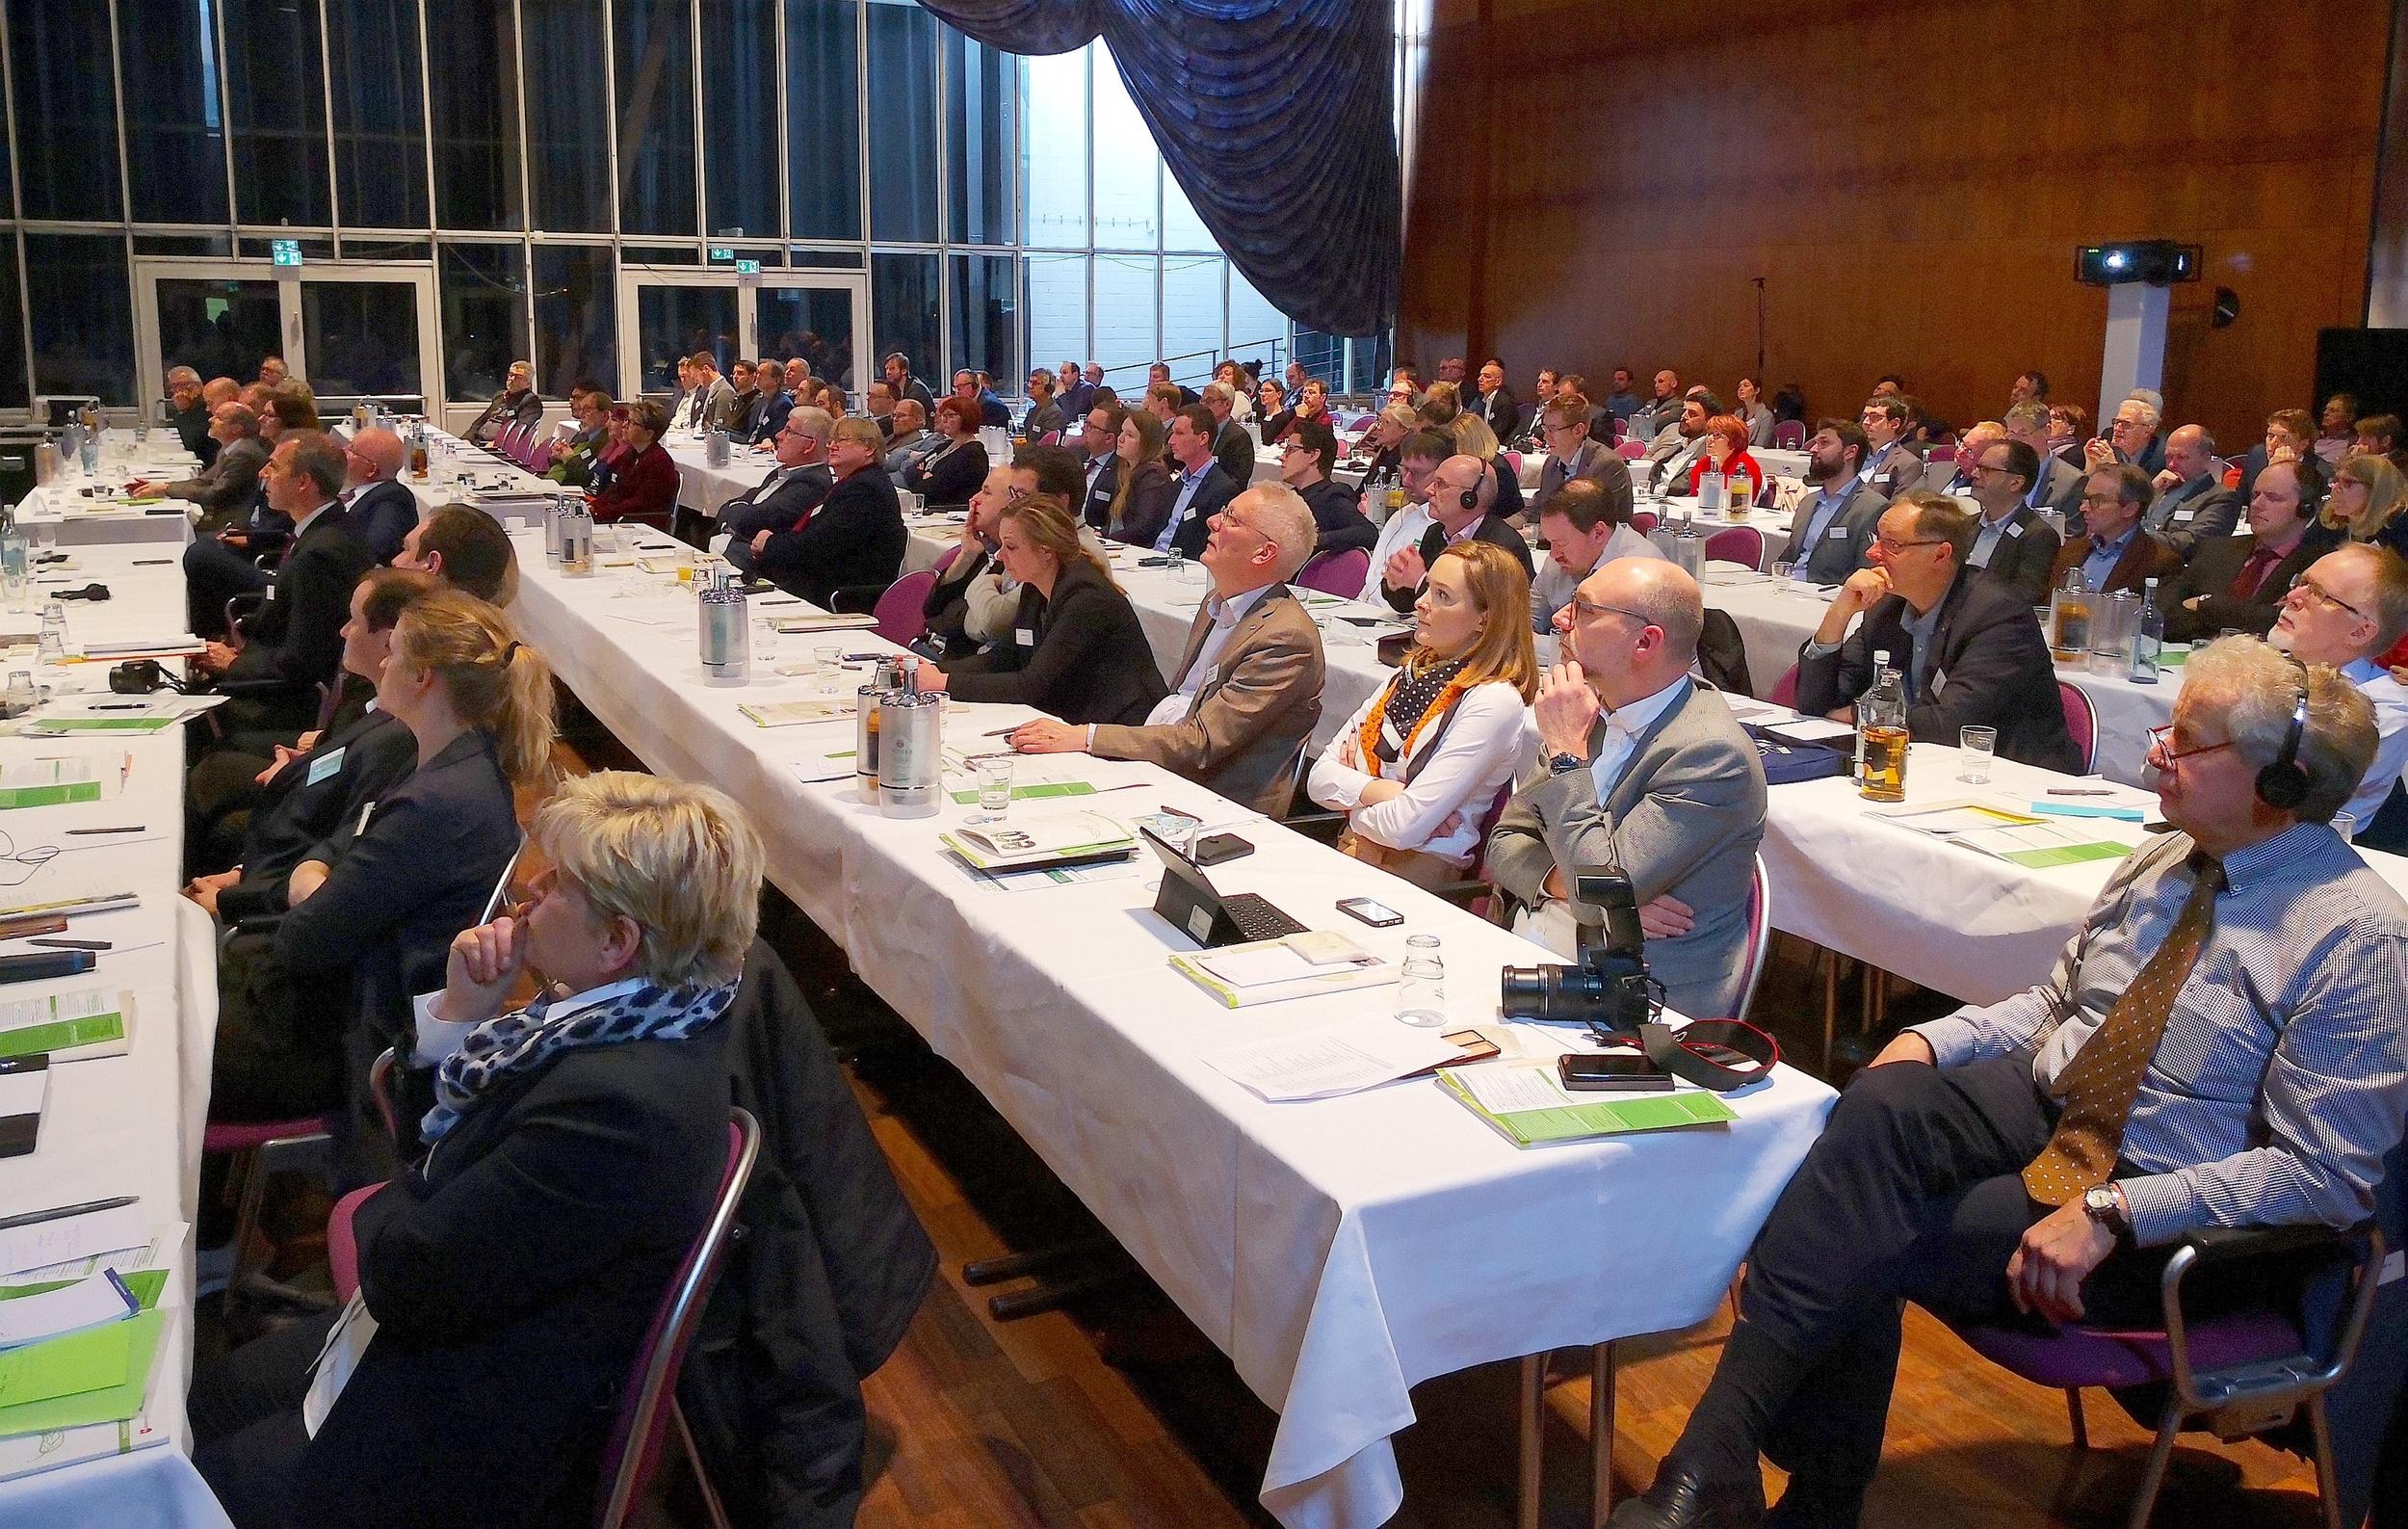 Innovatieve duurzame oplossingen bij grensoverschrijdend congres